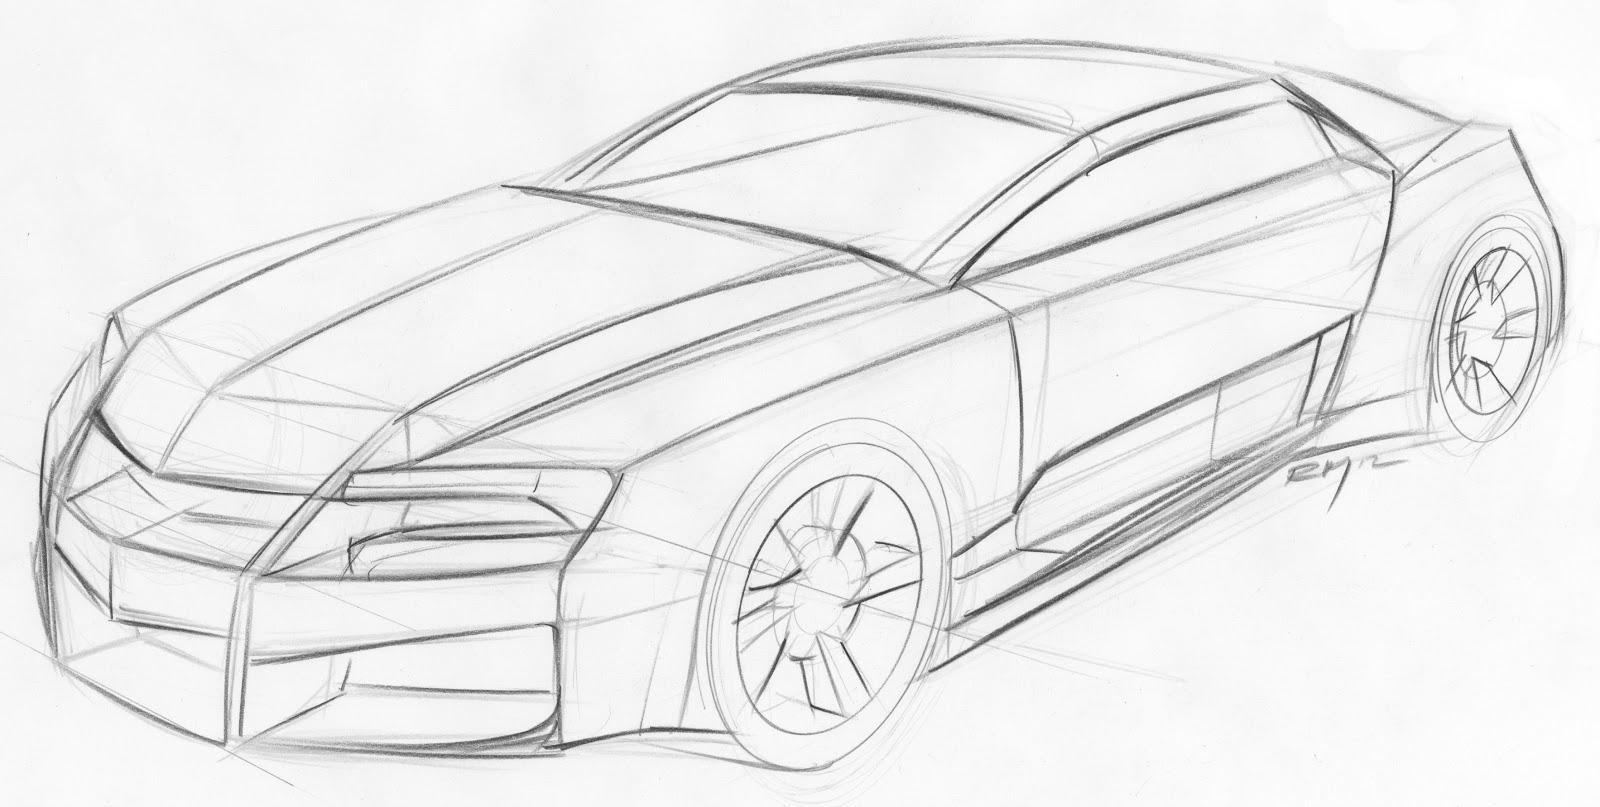 69 Camaro Sketch Templates